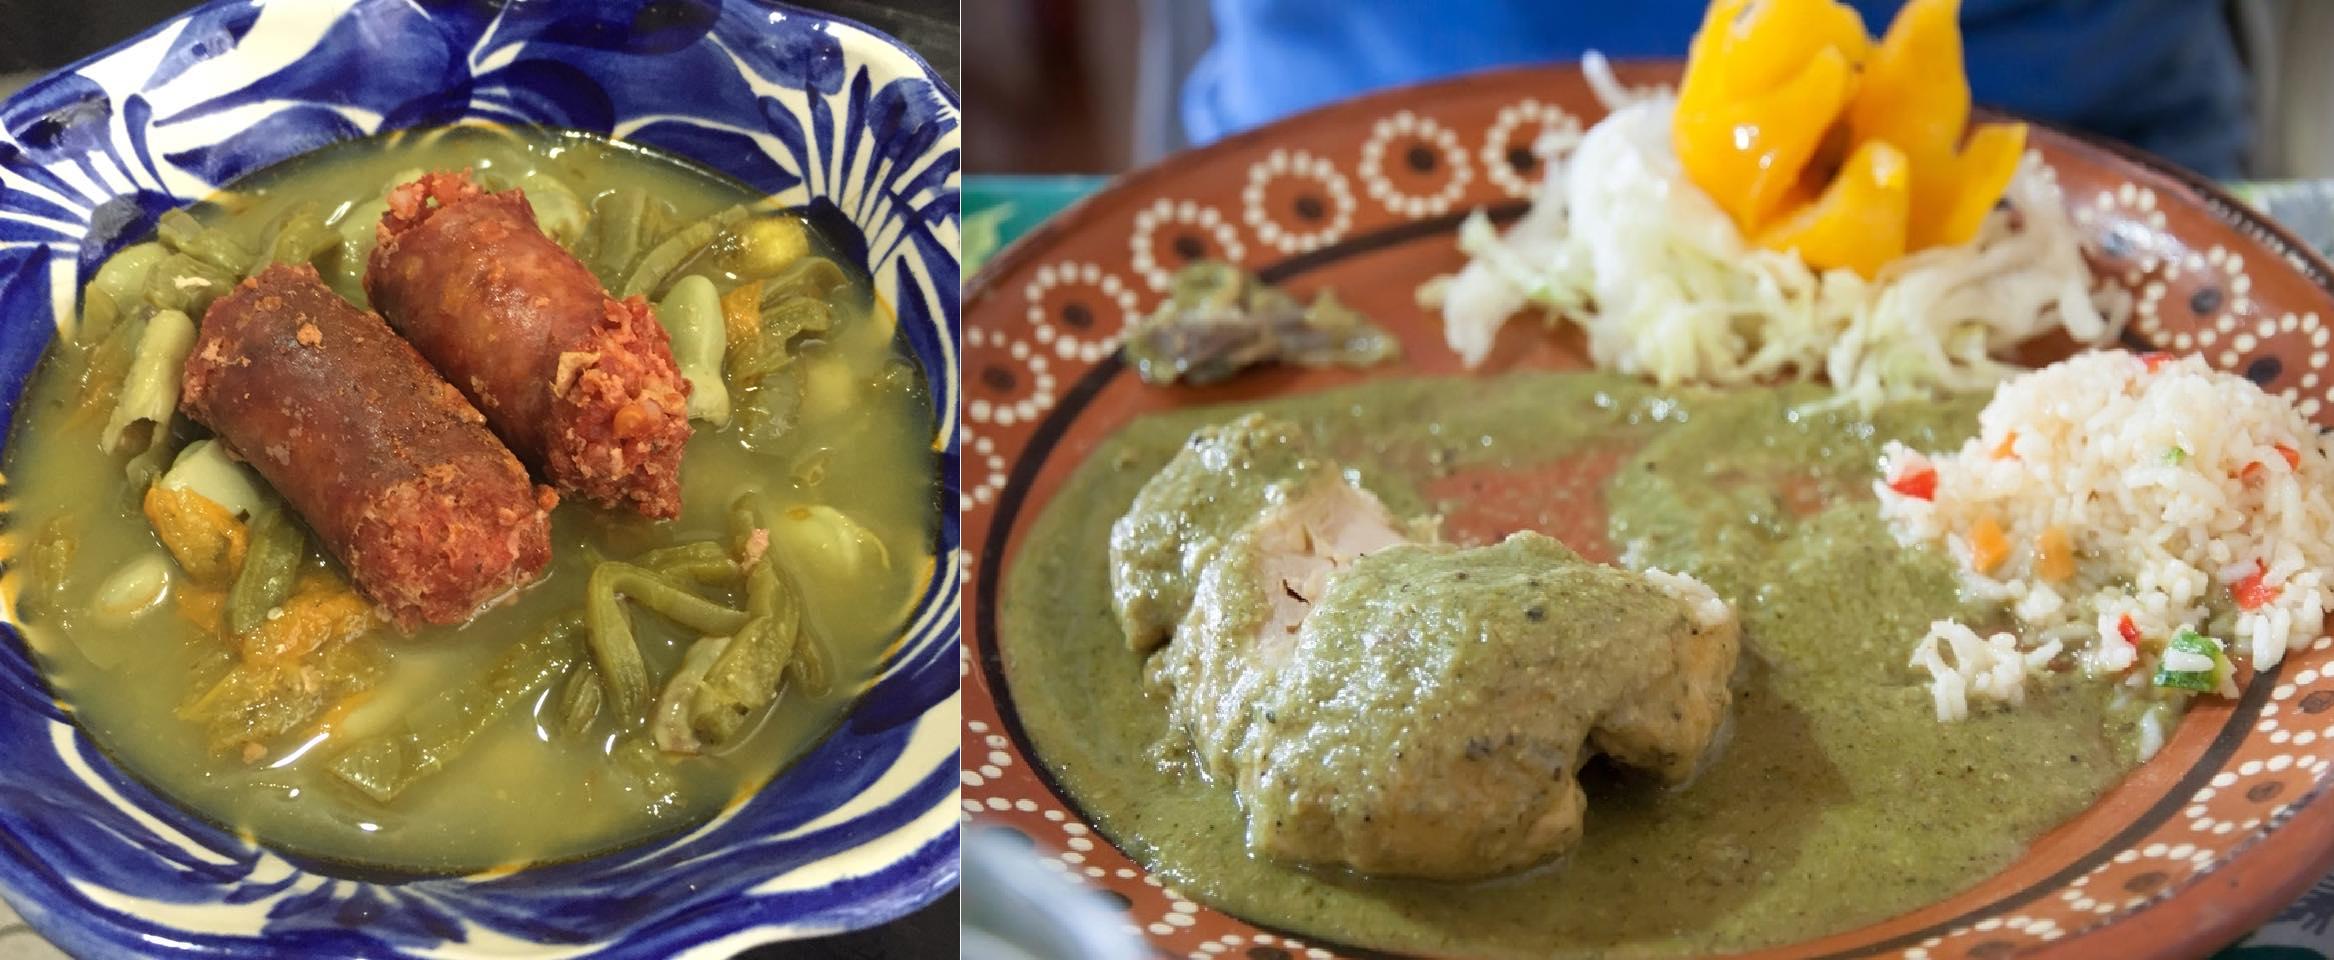 ¿Cuál es la comida típica del Valle de Toluca?